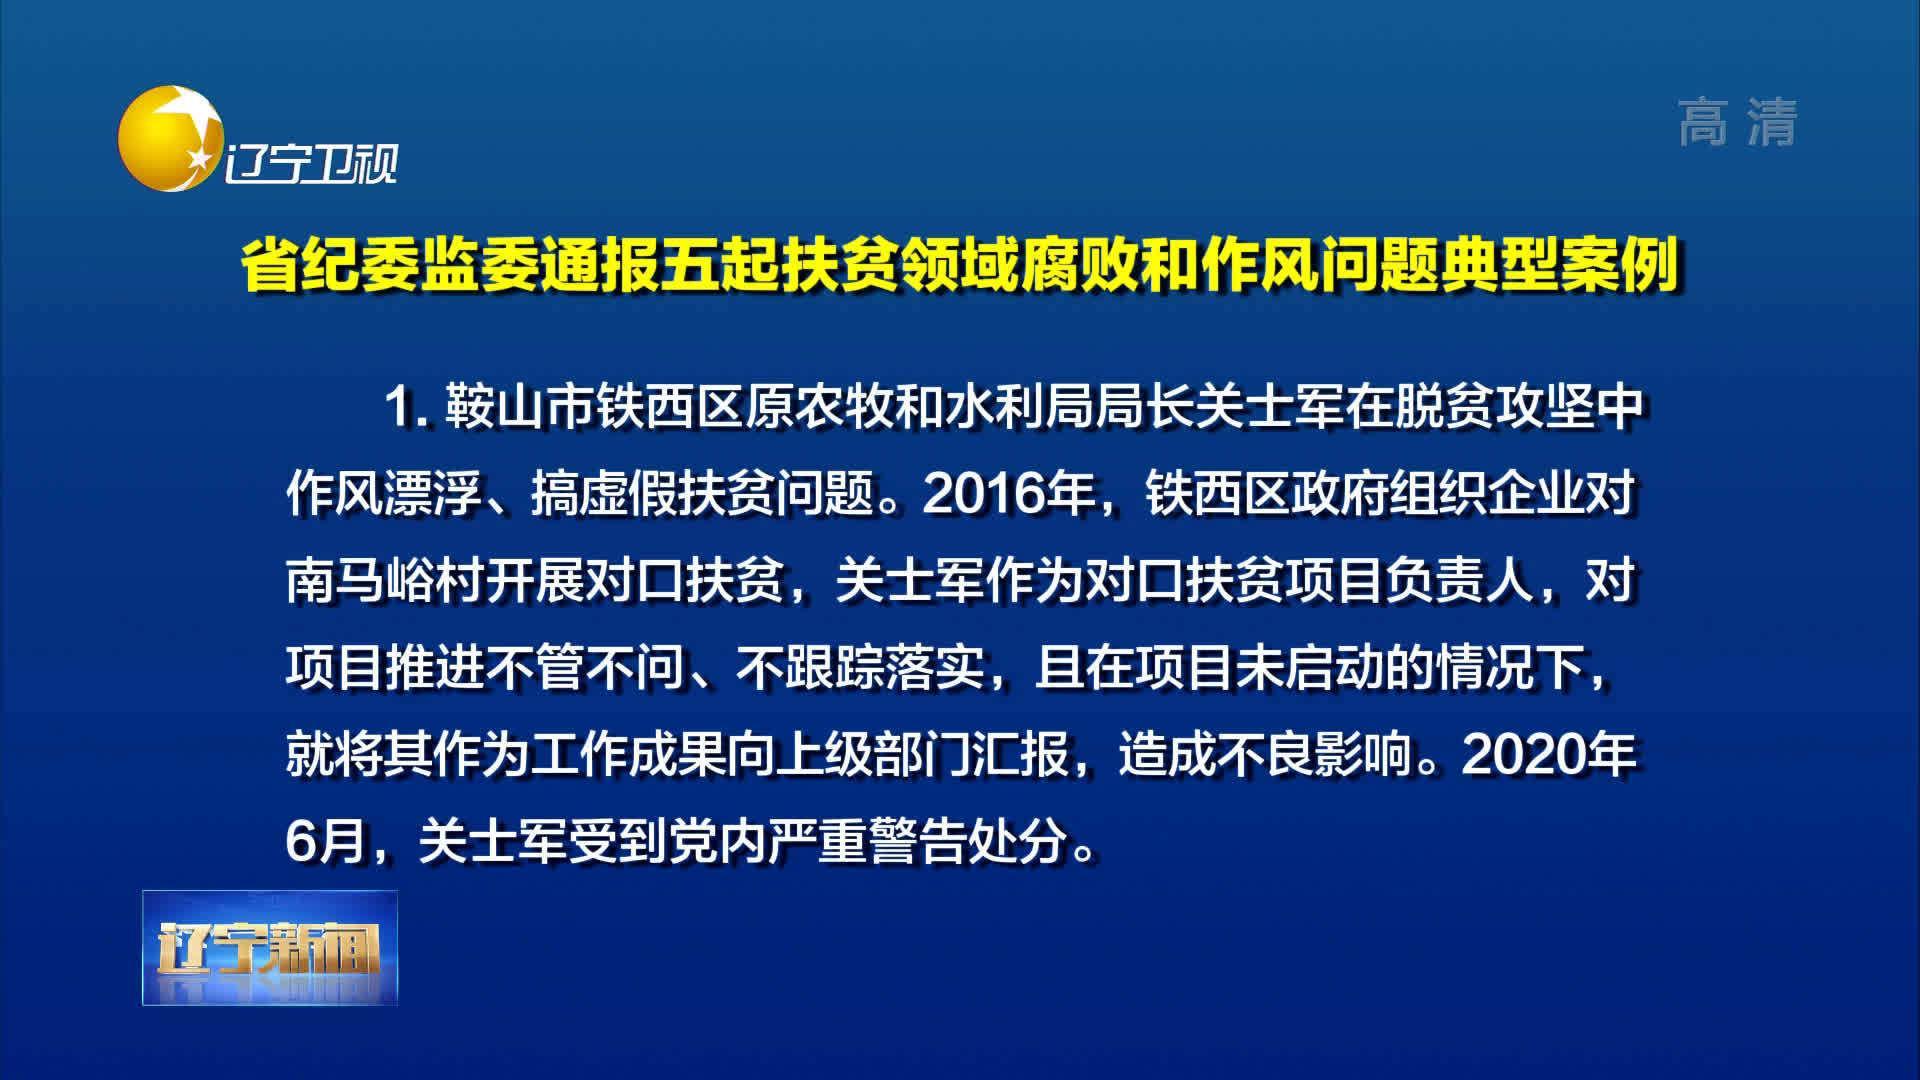 辽宁省纪委监委通报五起扶贫领域腐败和作风问题典型案例